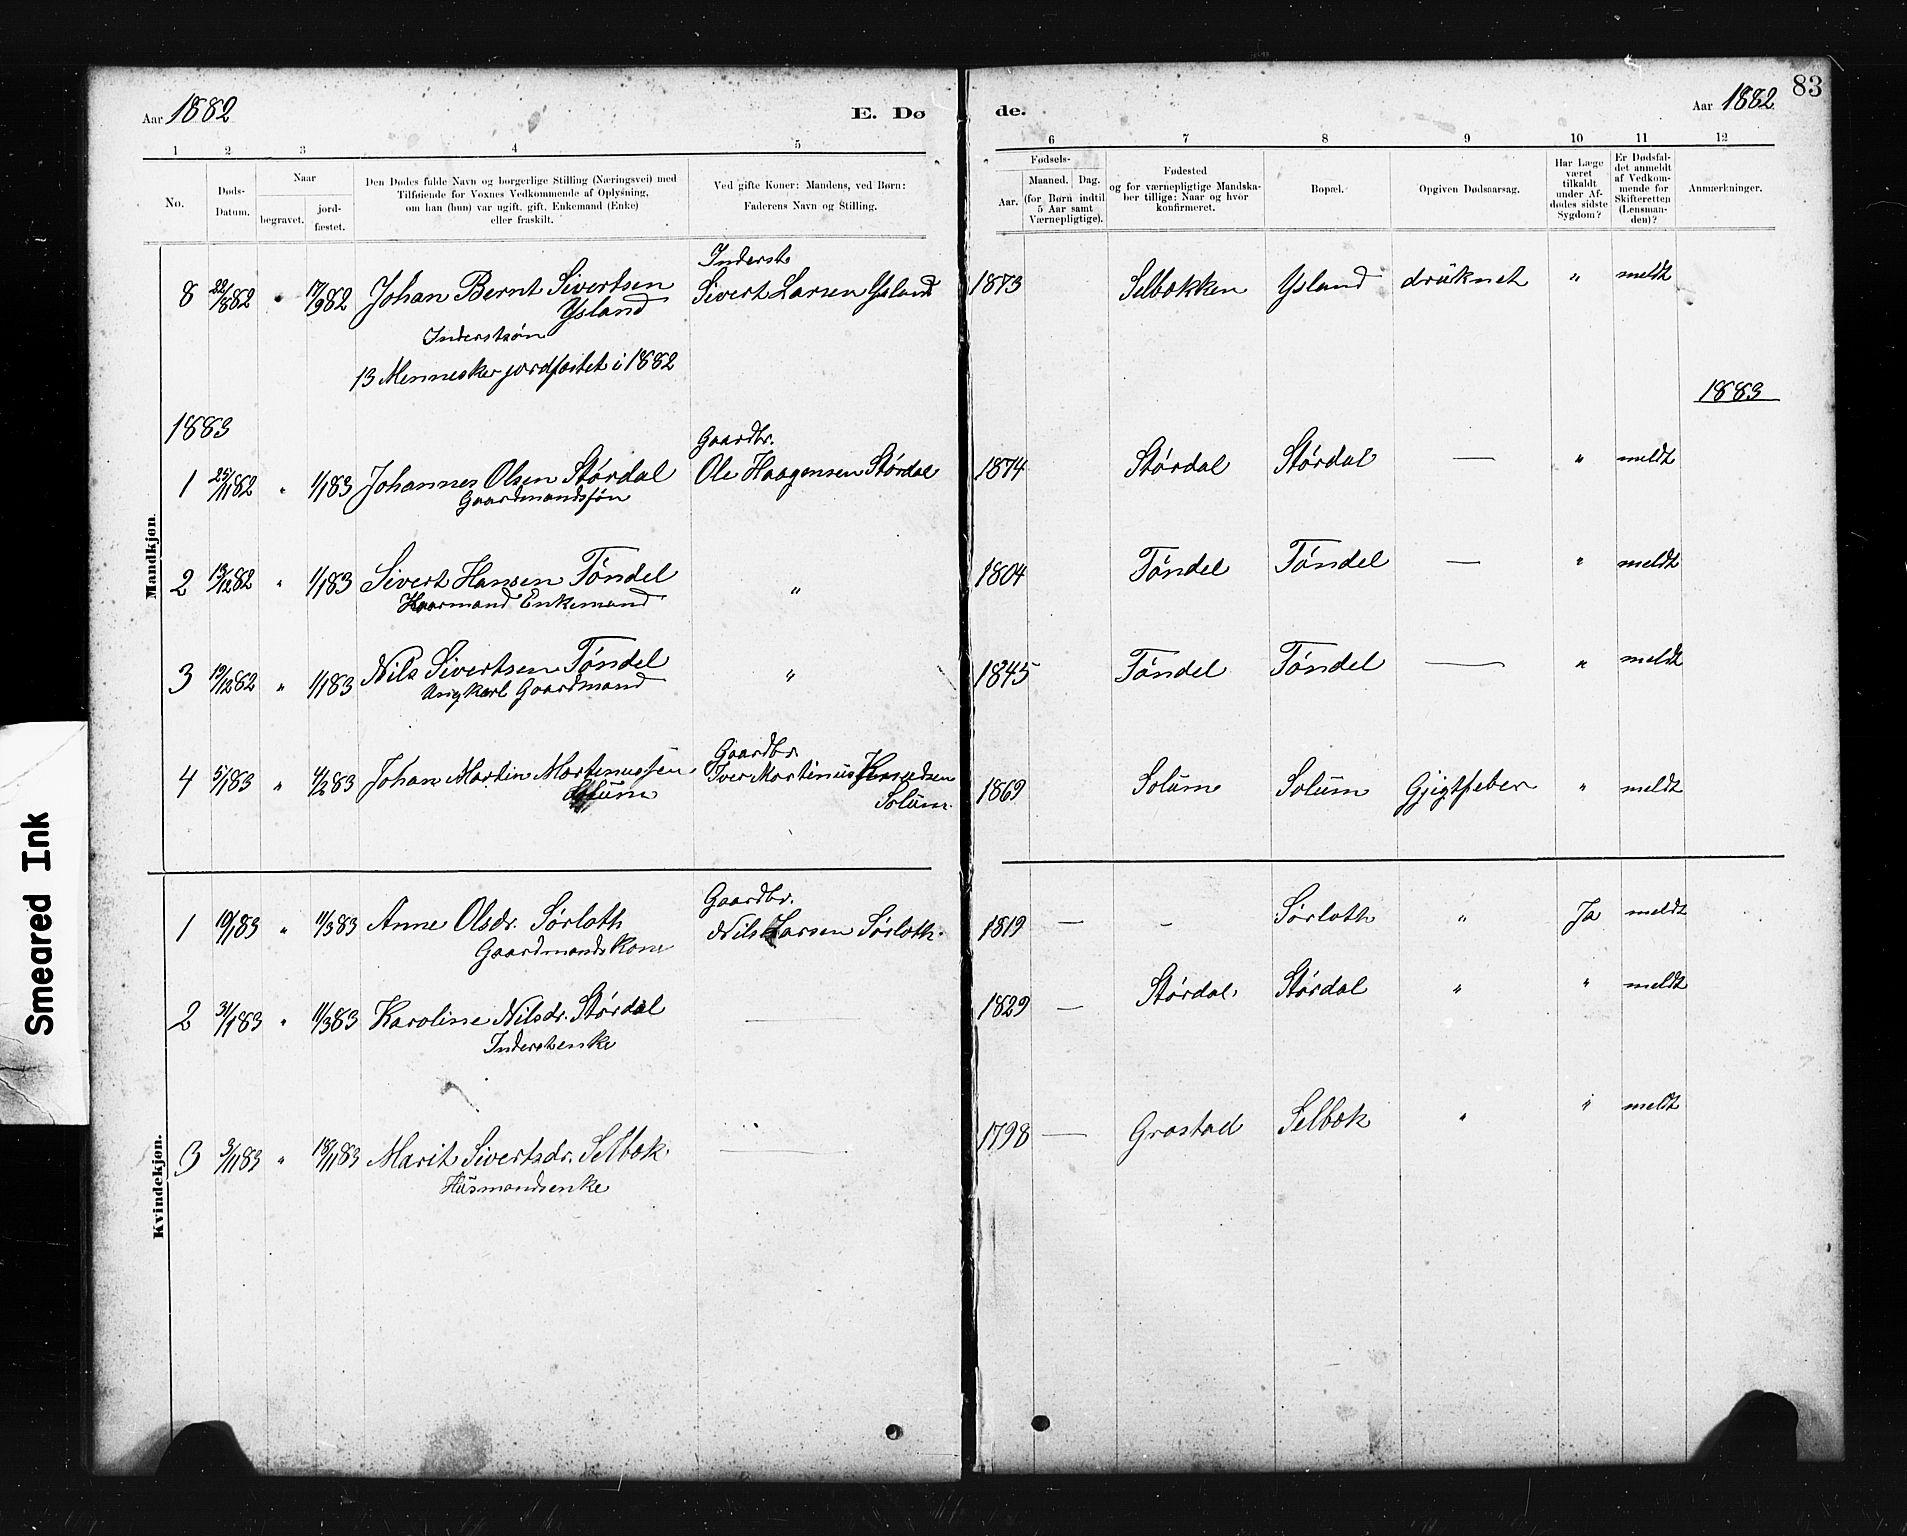 SAT, Ministerialprotokoller, klokkerbøker og fødselsregistre - Sør-Trøndelag, 663/L0761: Klokkerbok nr. 663C01, 1880-1893, s. 83